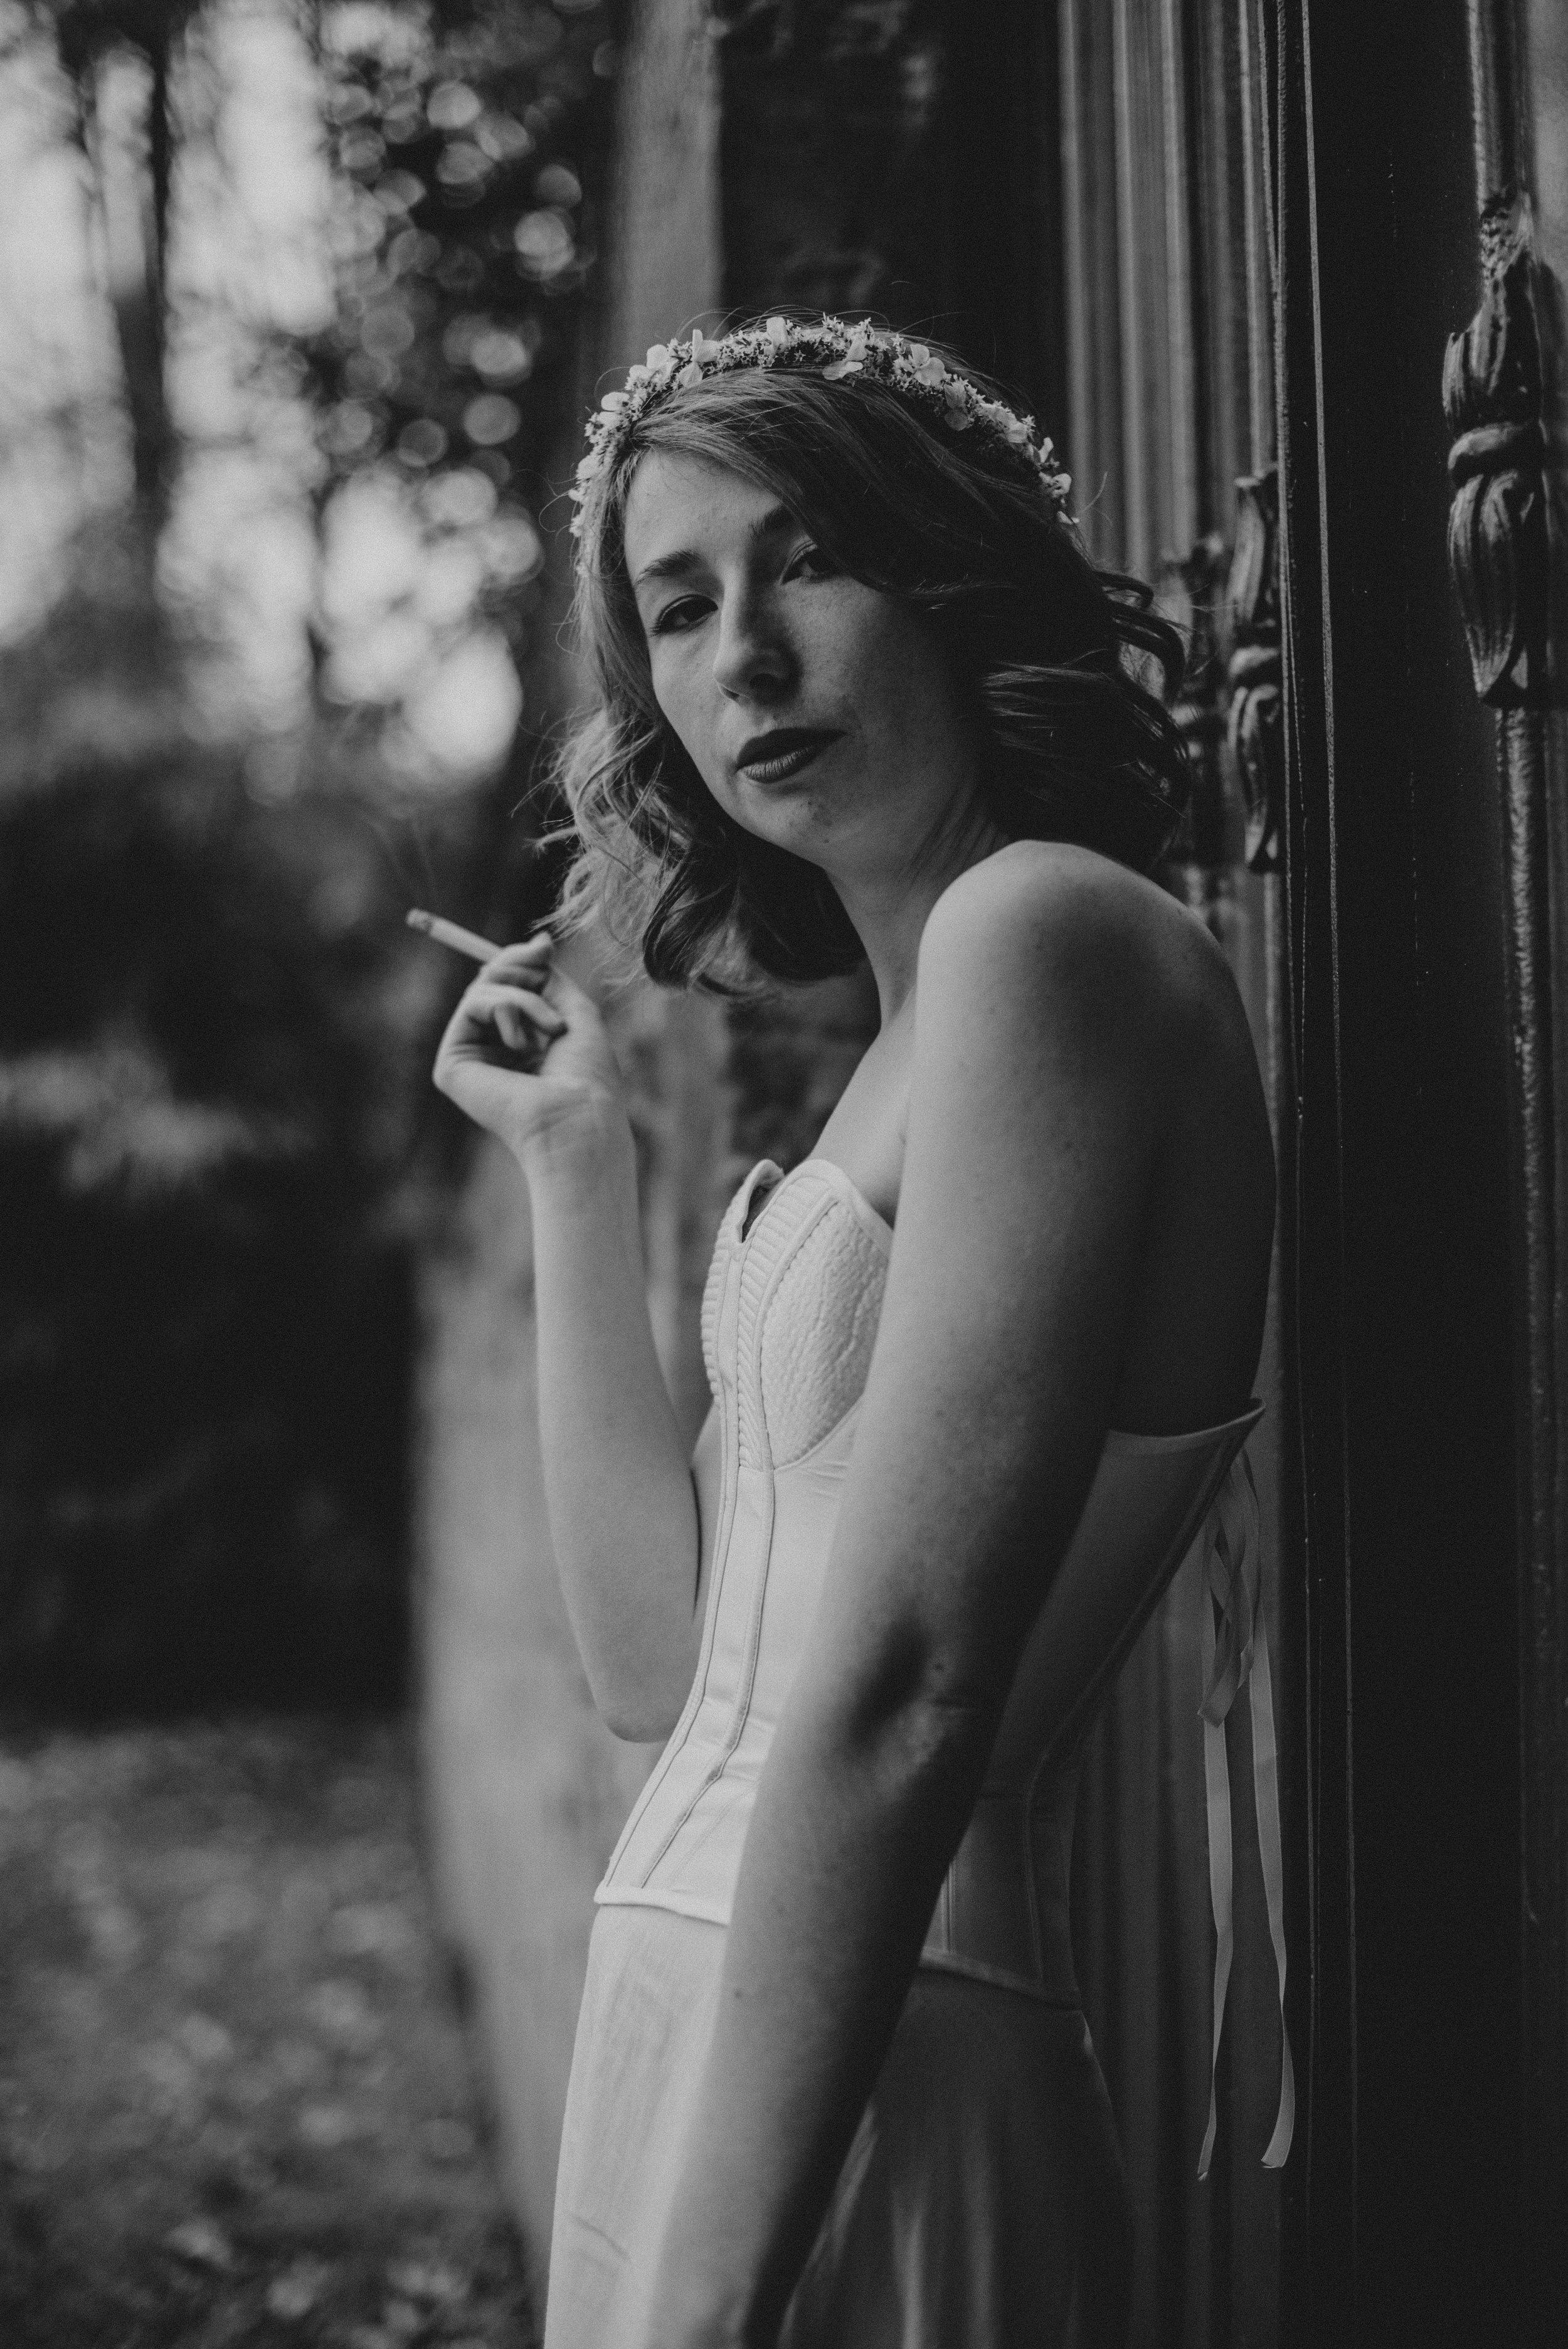 Léa-Fery-photographe-professionnel-lyon-rhone-alpes-portrait-creation-mariage-evenement-evenementiel-famille-6079.jpg